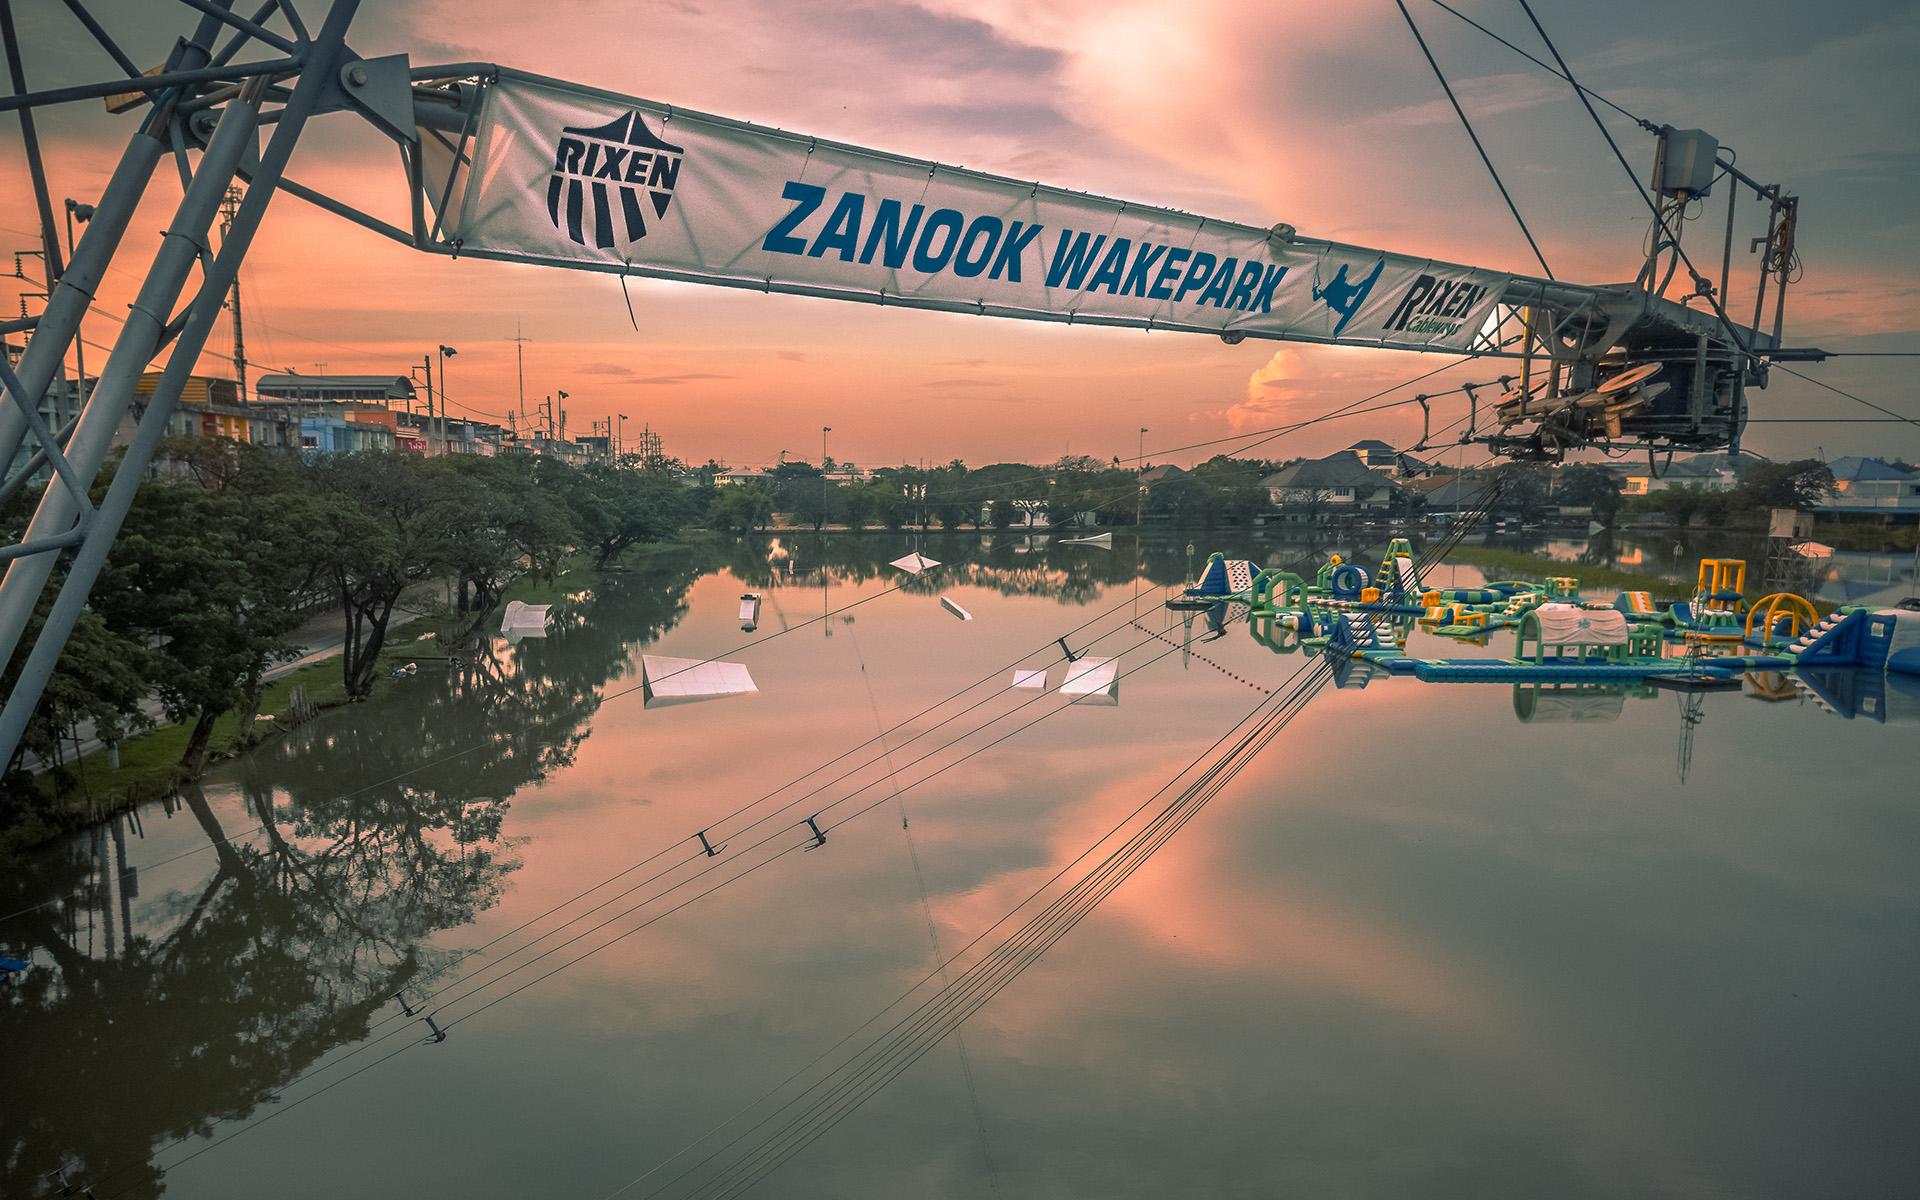 Zanook Wake Park-zanook sign 3